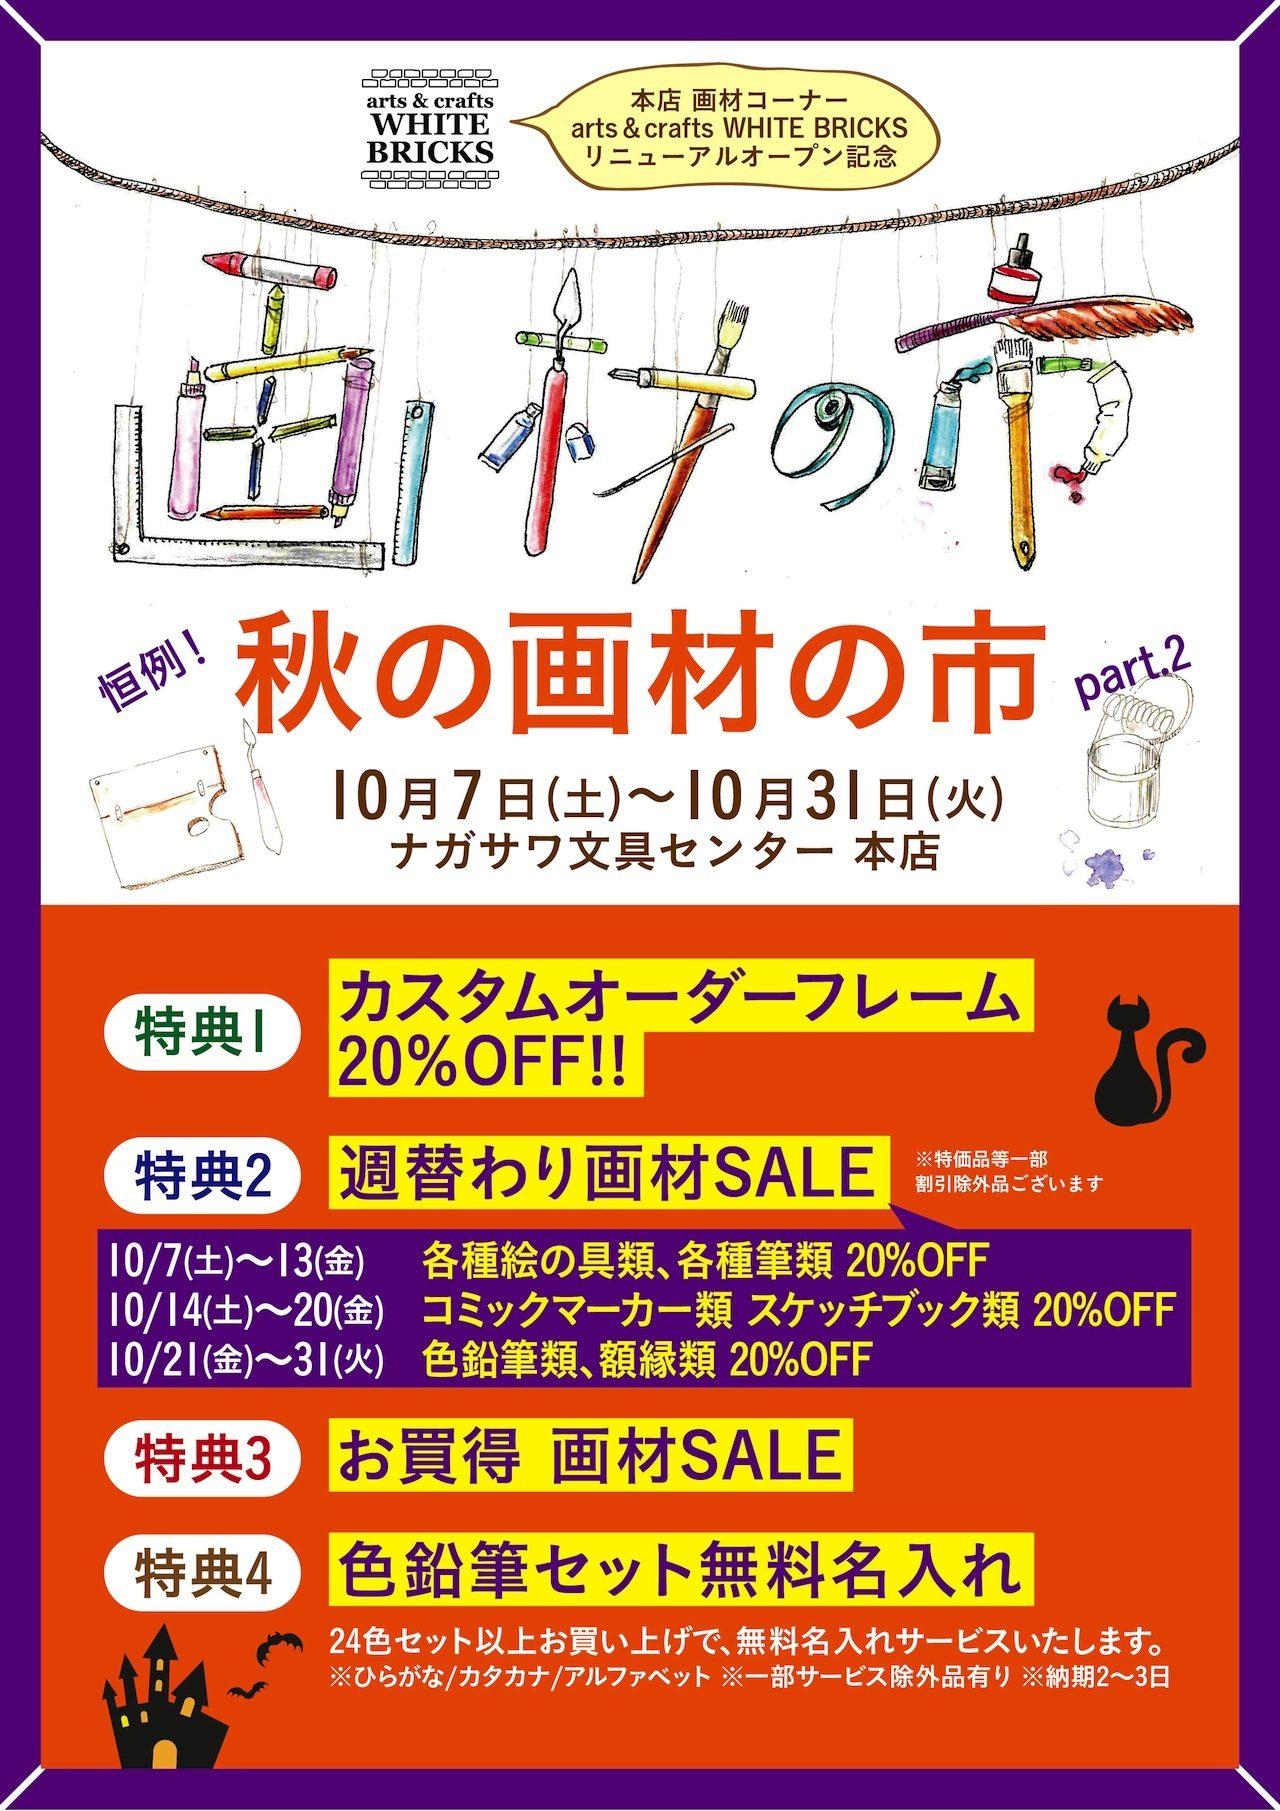 額縁!色鉛筆!絵の具!スケッチブックなどが安い!秋の画材イベント開催 @三宮